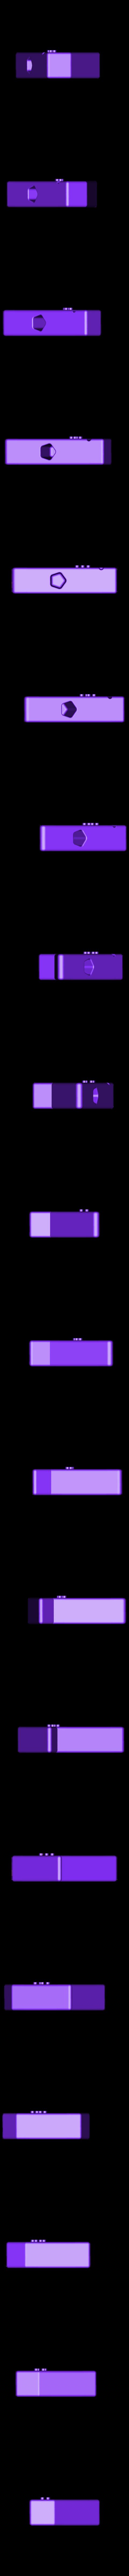 T.stl Télécharger fichier STL gratuit Puzzle braille Fittle Boat • Modèle à imprimer en 3D, Fittle